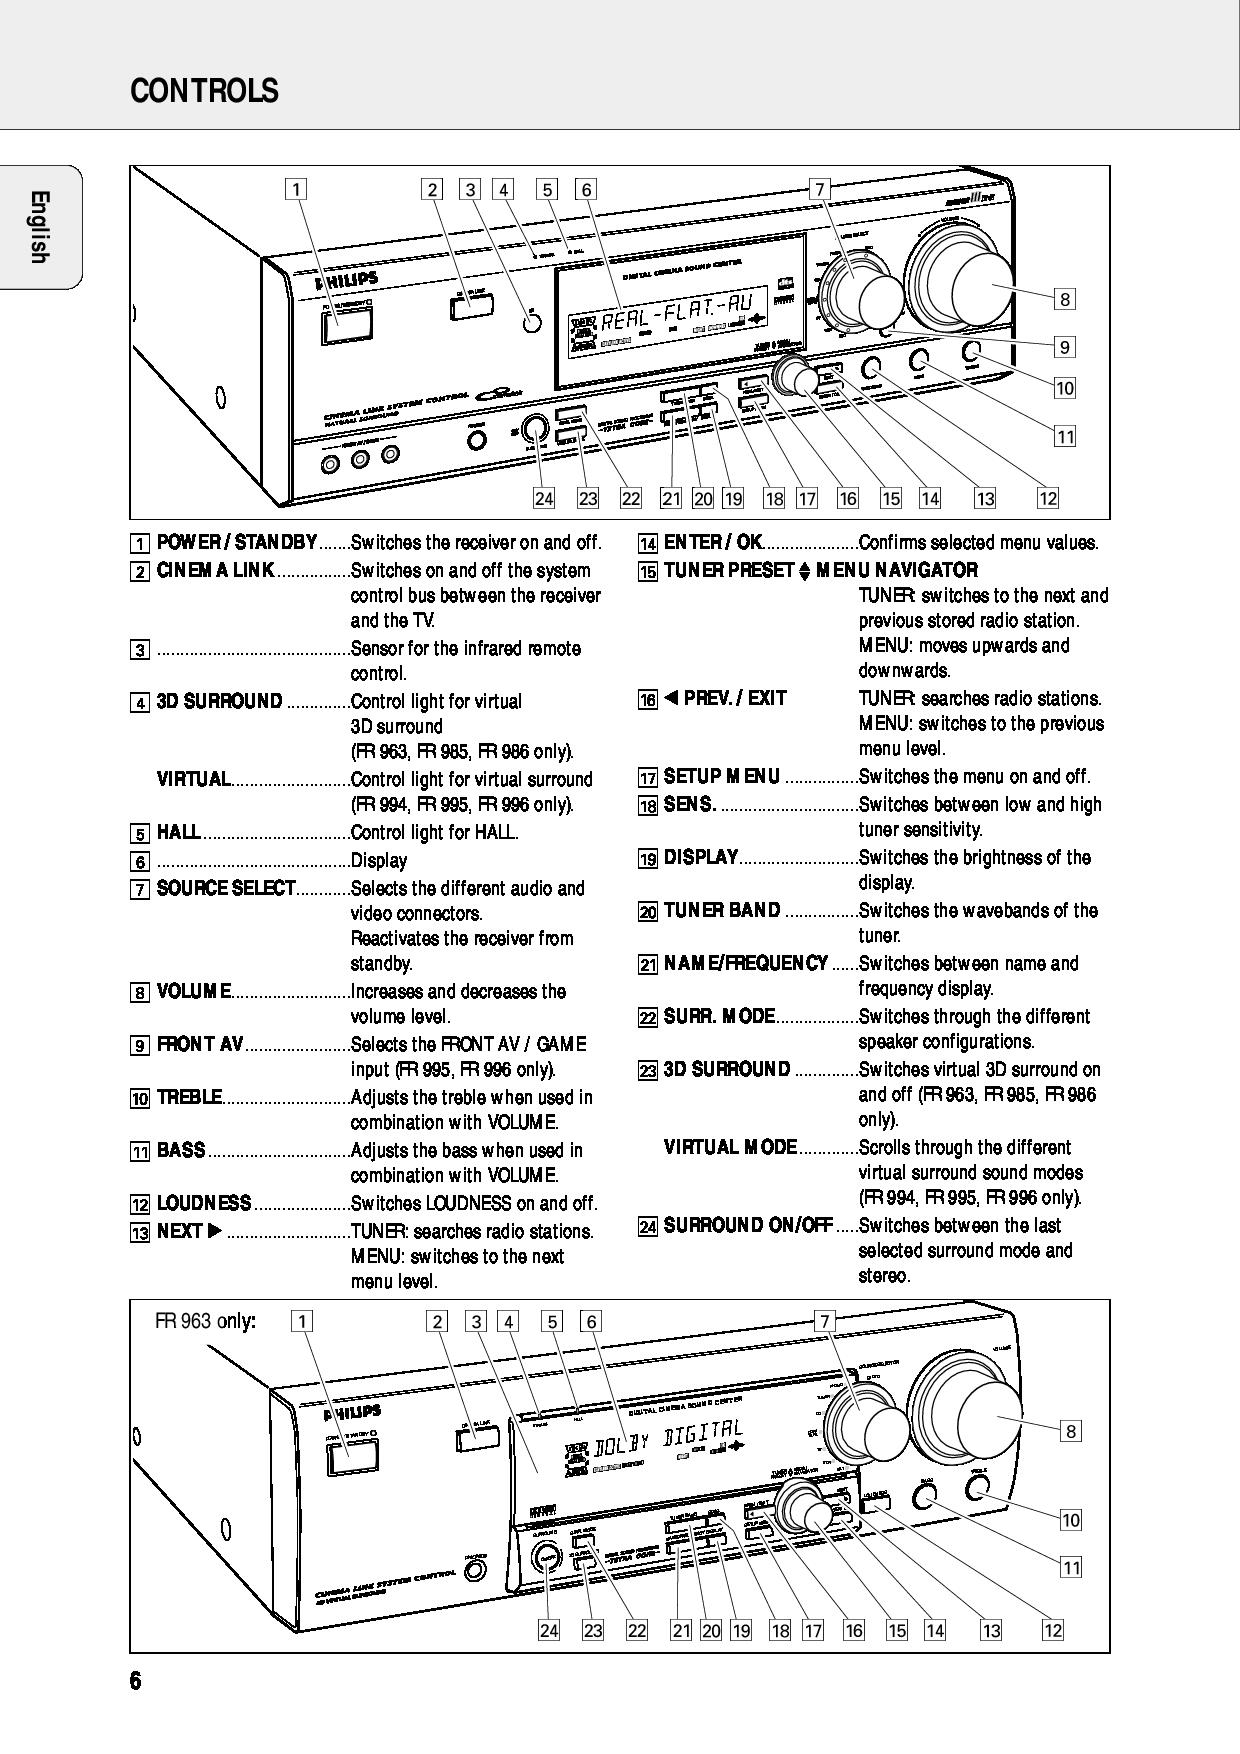 Philips FR-963, FR-985, FR-986, FR-994, FR-995, FR-996 manual